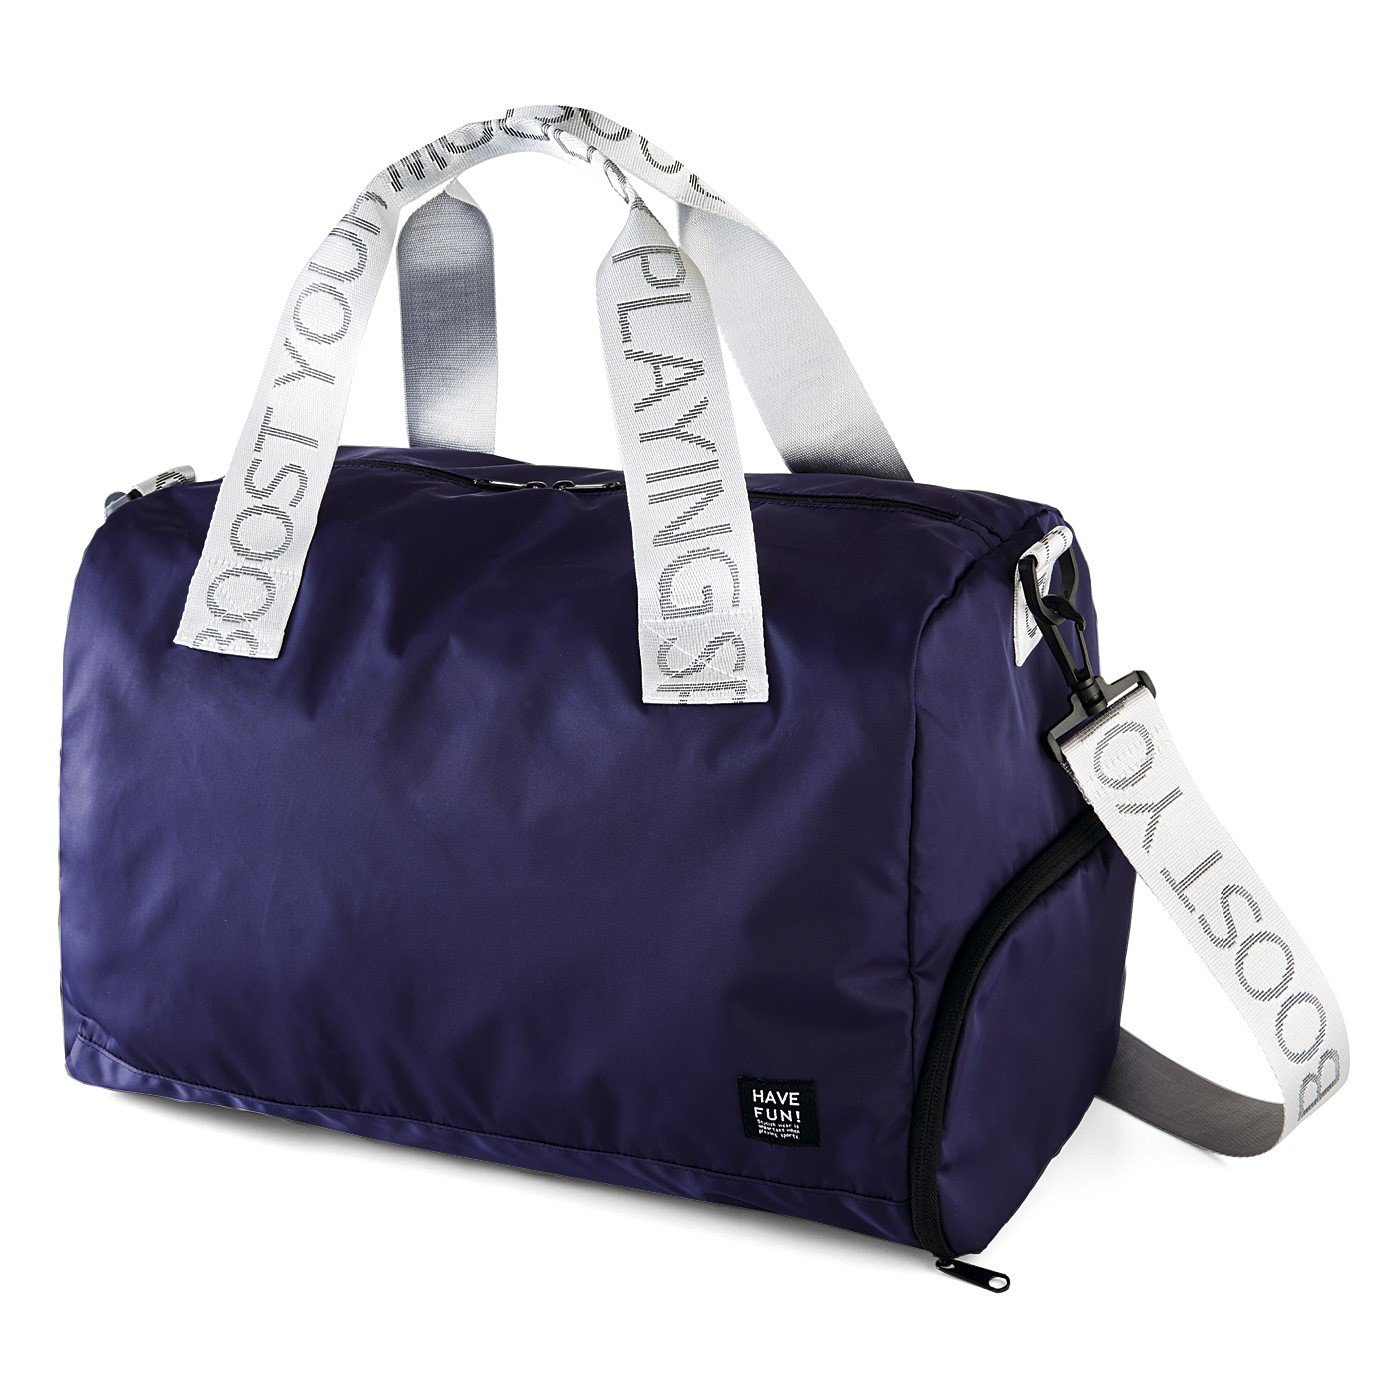 サイドにシューズポケット付き! 大きめ荷物もスマートにまとまる 大人のボストンバッグ